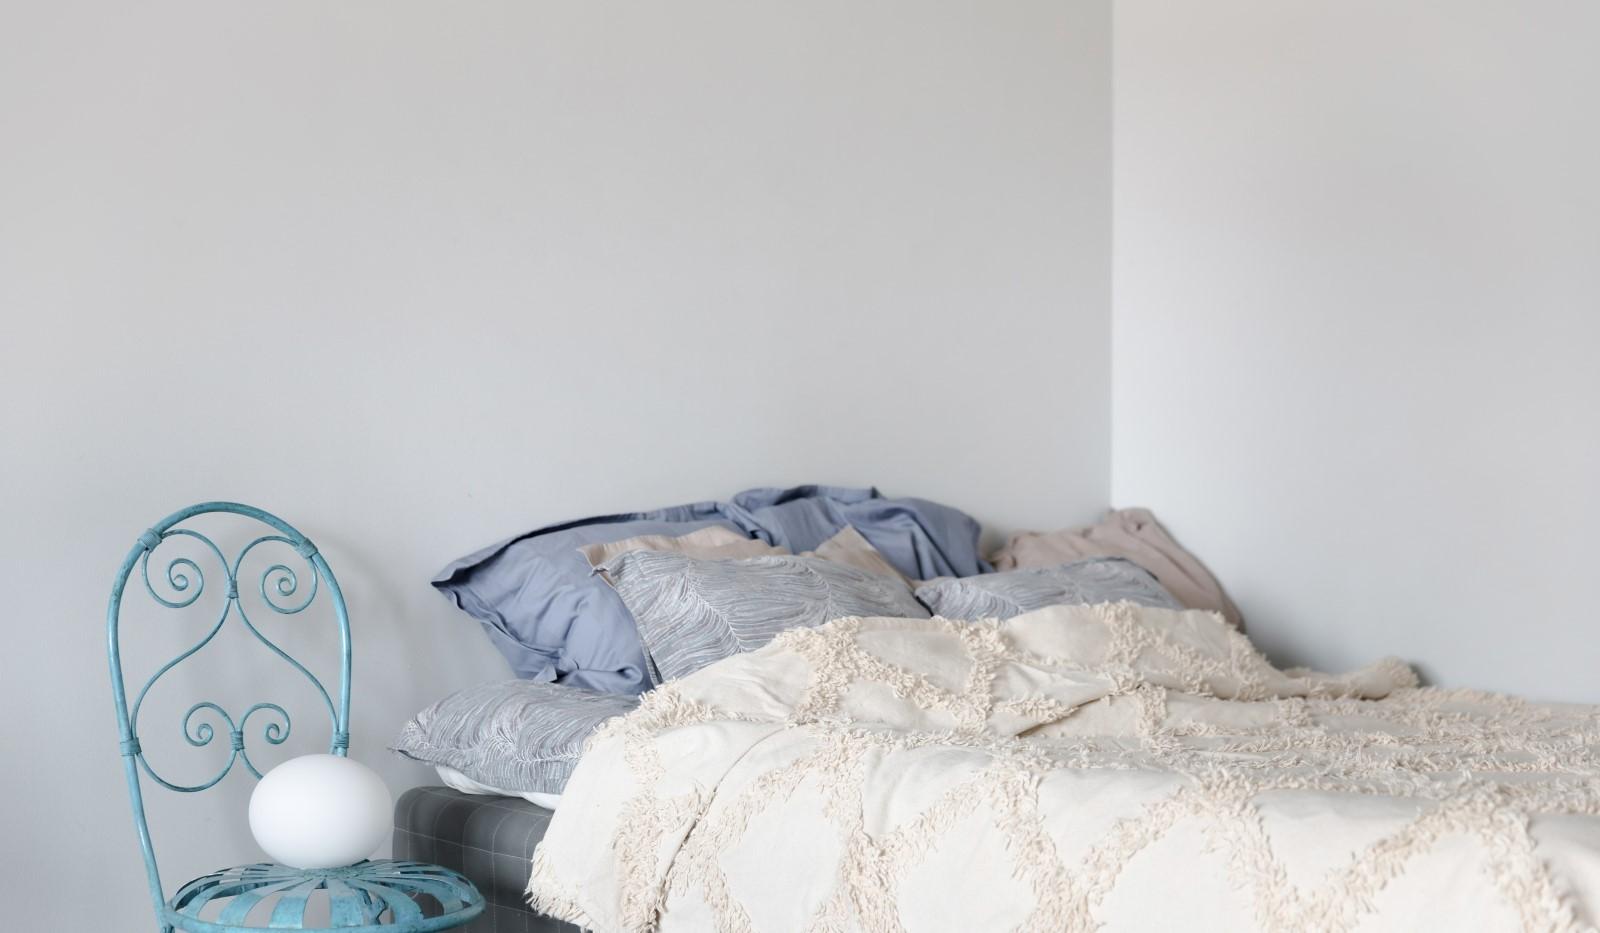 Tellusborgsvägen 90, 2 tr - Sängen på bild är 160 cm